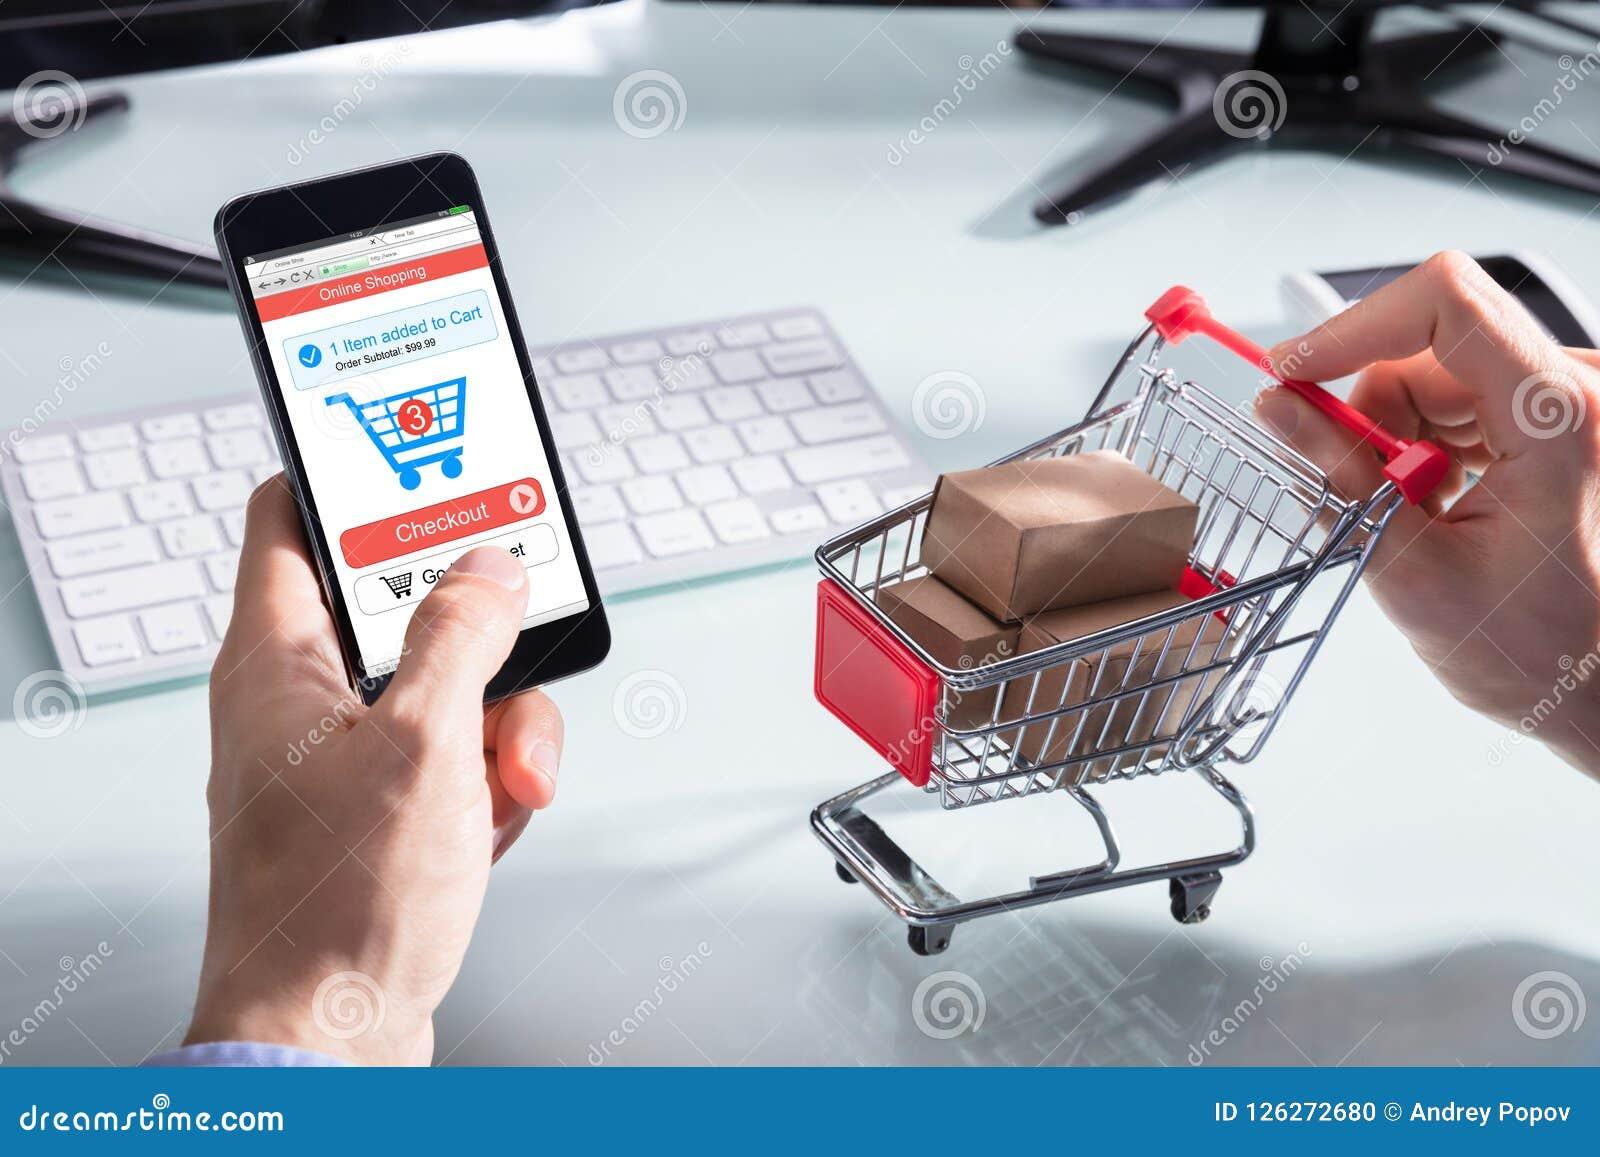 Teléfono de Person Shopping Online On Mobile